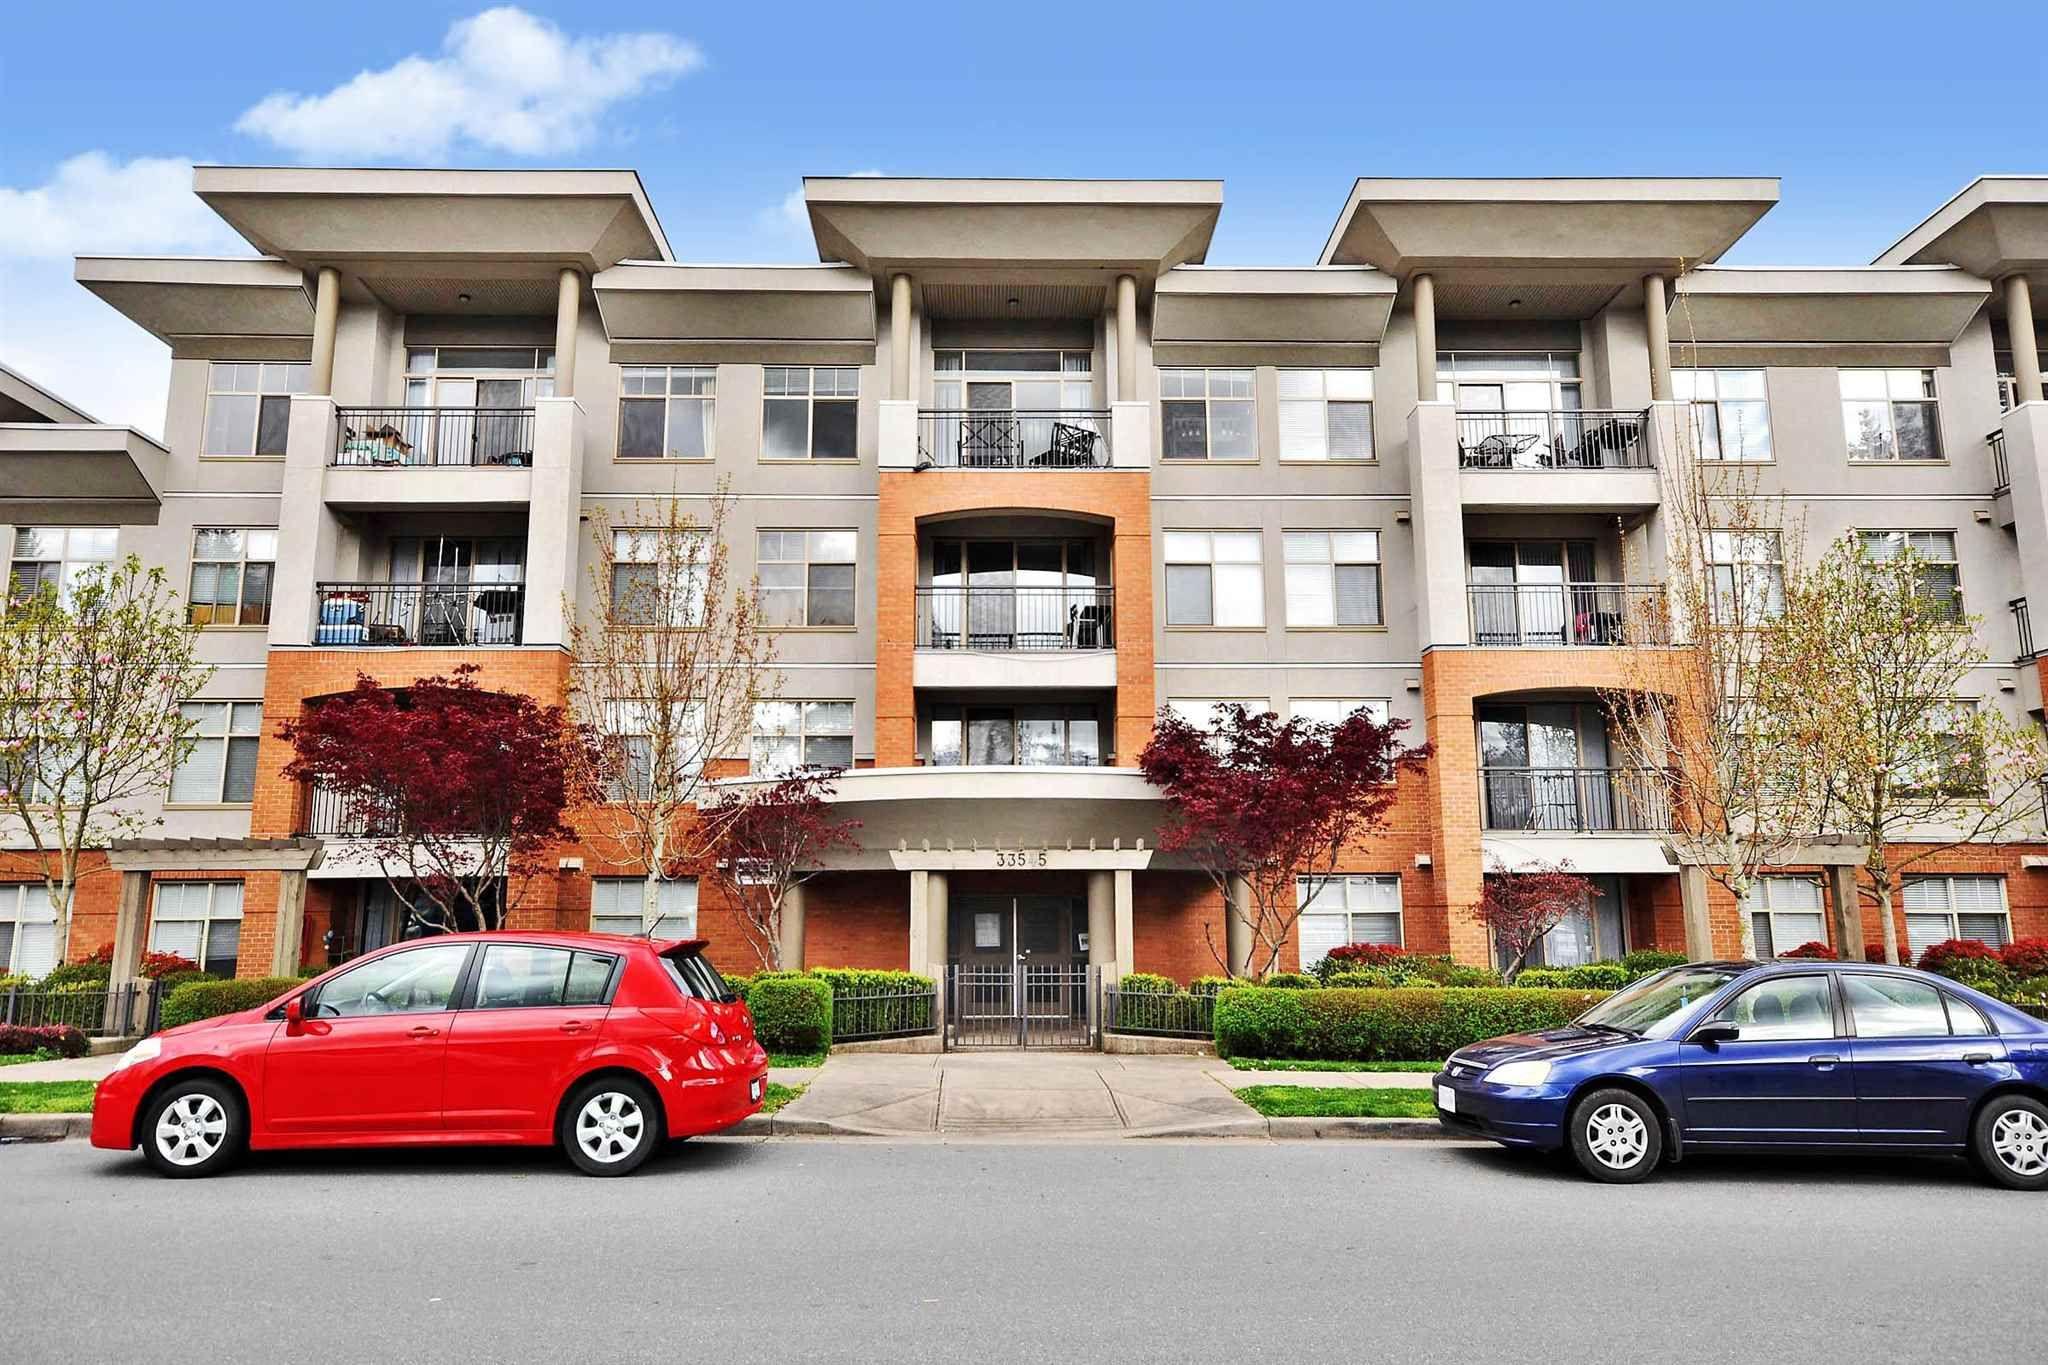 """Main Photo: 204 33545 RAINBOW Avenue in Abbotsford: Central Abbotsford Condo for sale in """"Tempo"""" : MLS®# R2606221"""